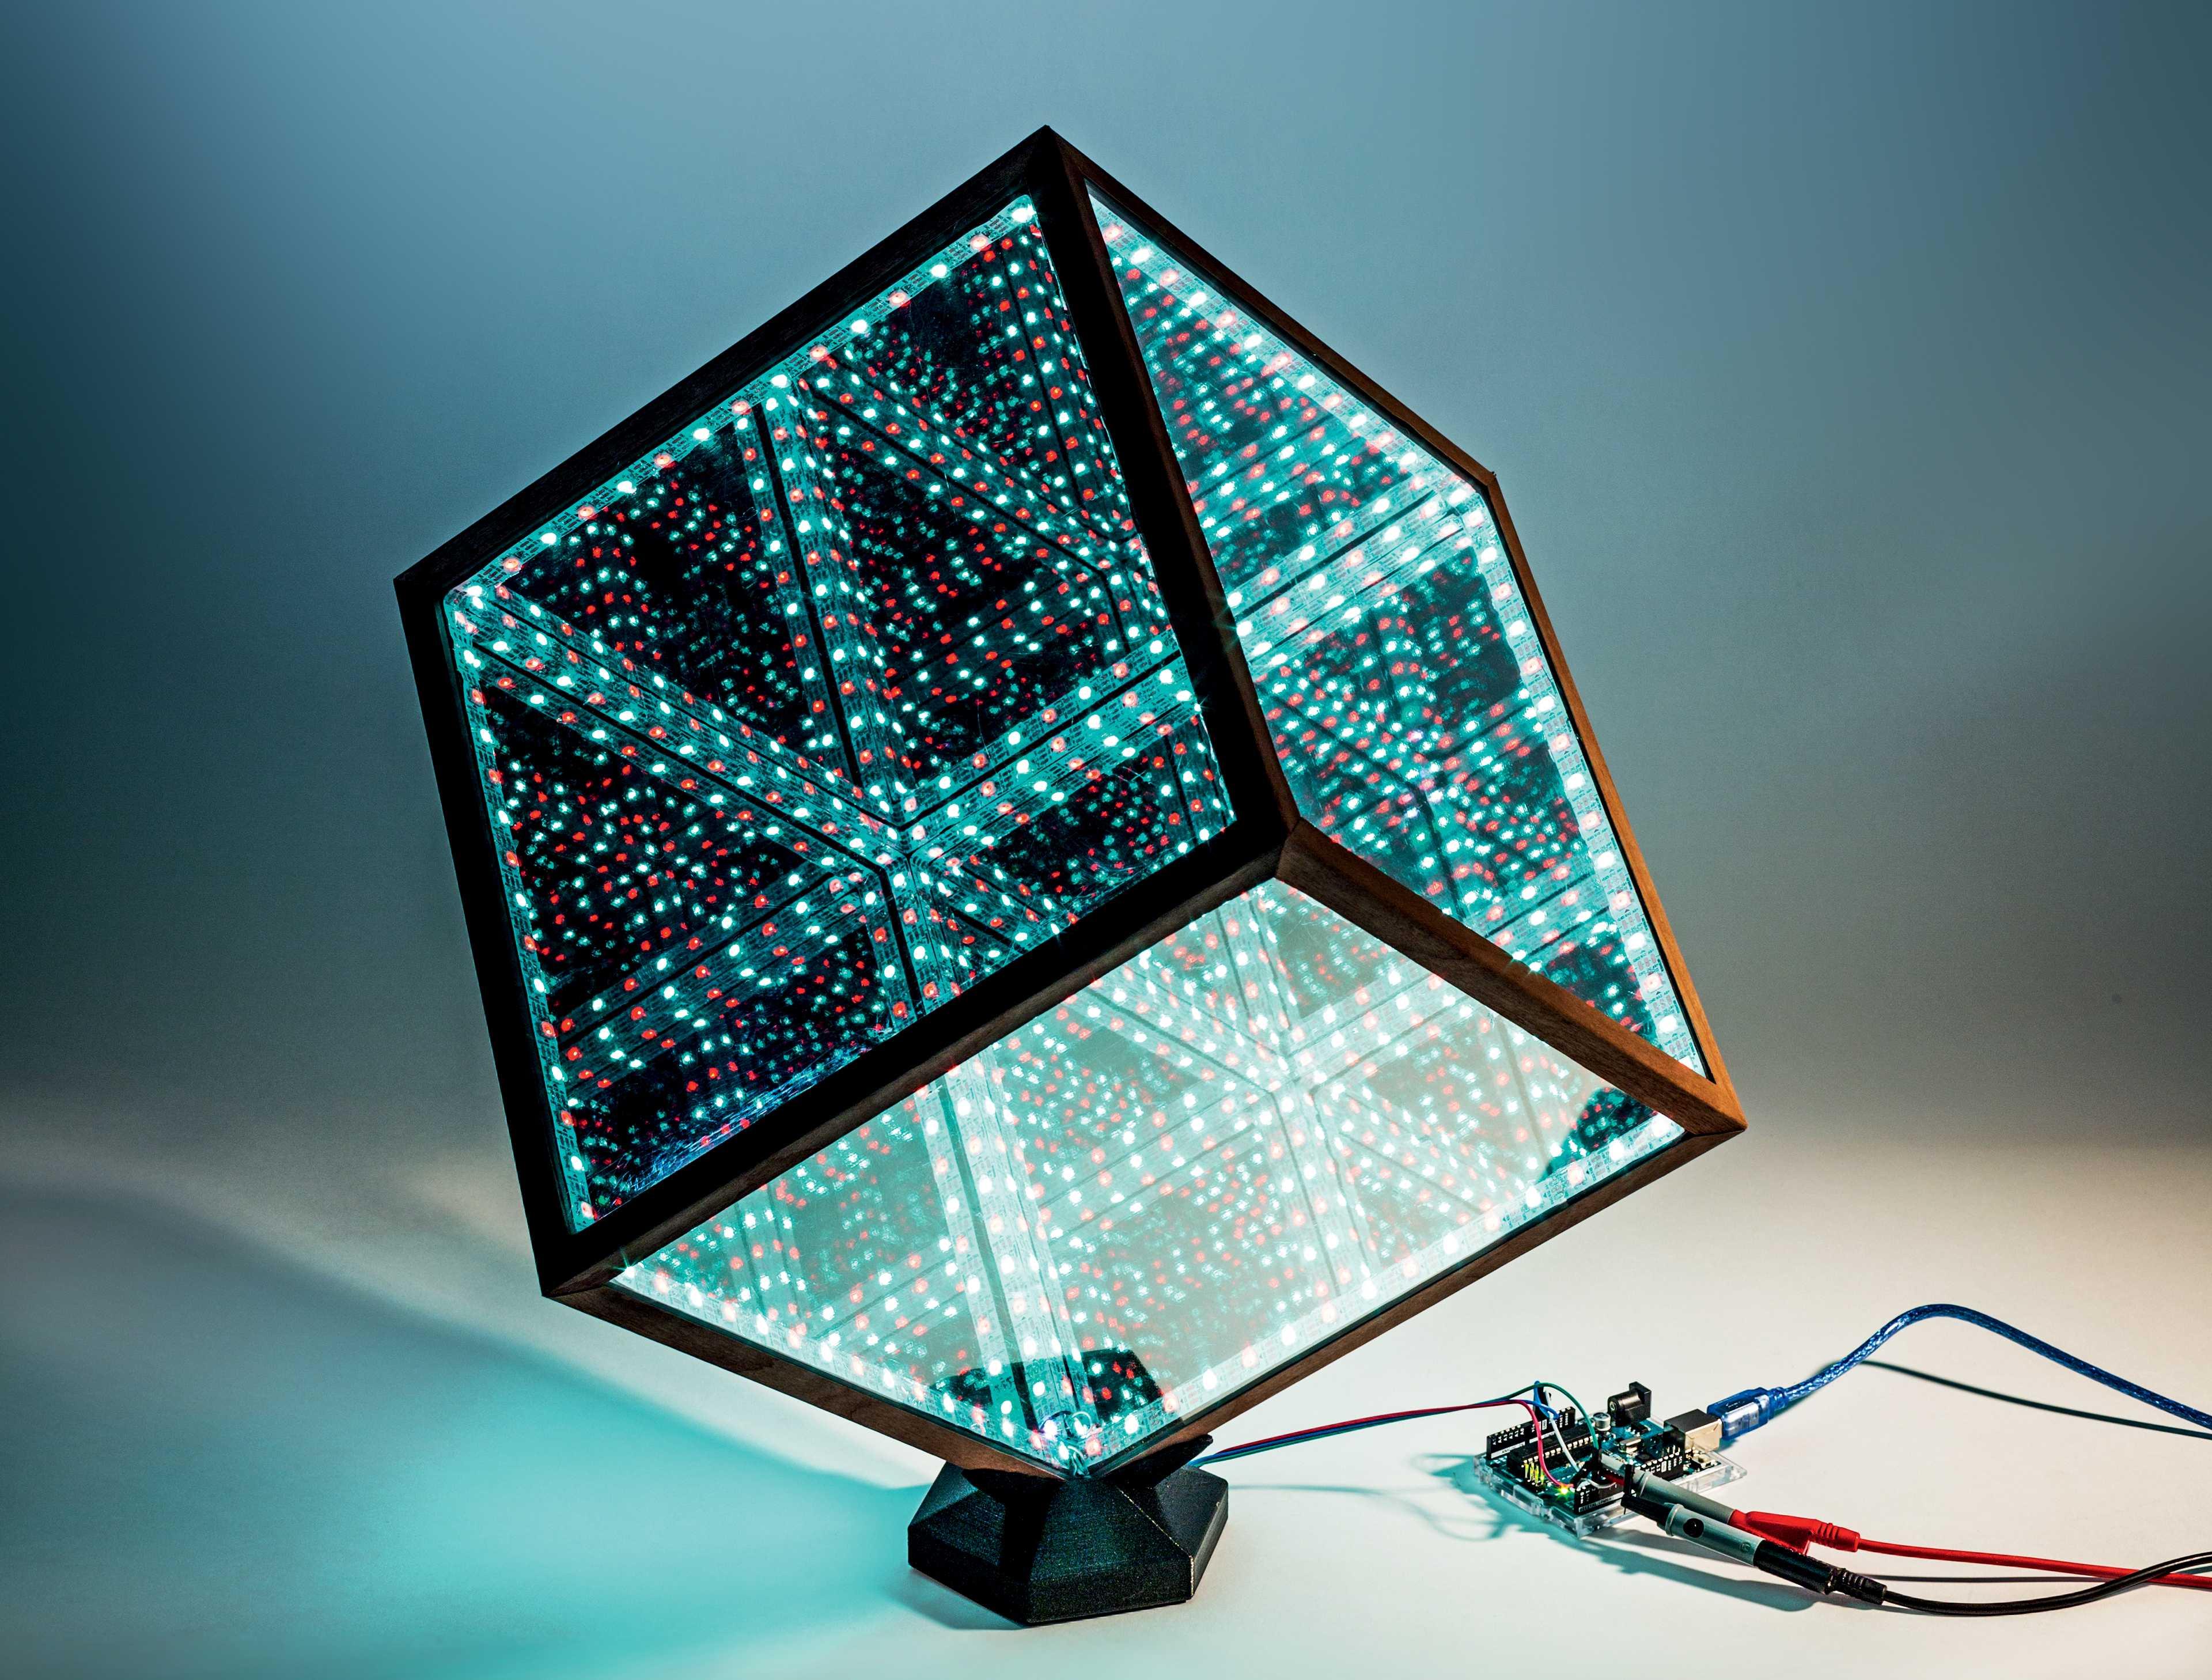 Unendlichkeitswürfel: Durch transparente Seiten sieht man auf unendliche LED-Spiegelungen.